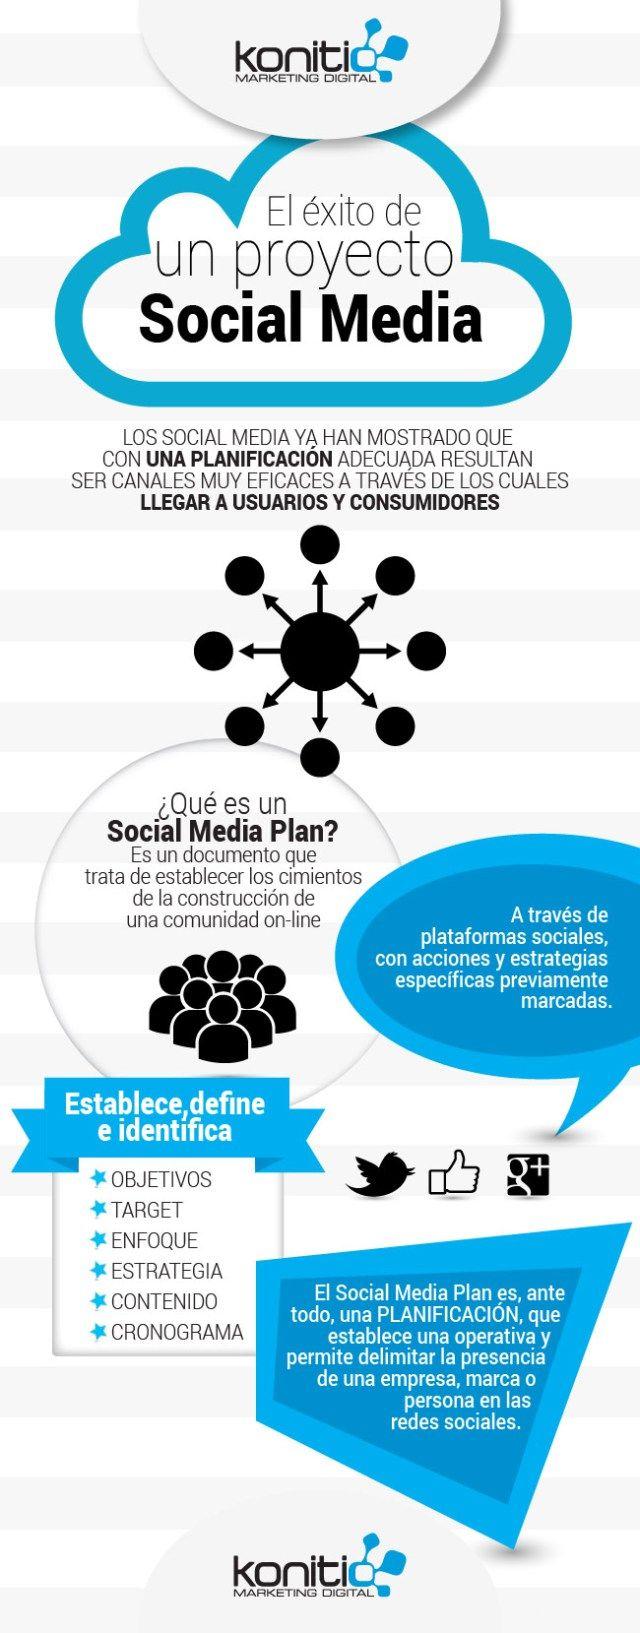 El éxito de un proyecto Social Media #infografia #infographic #socialmedia